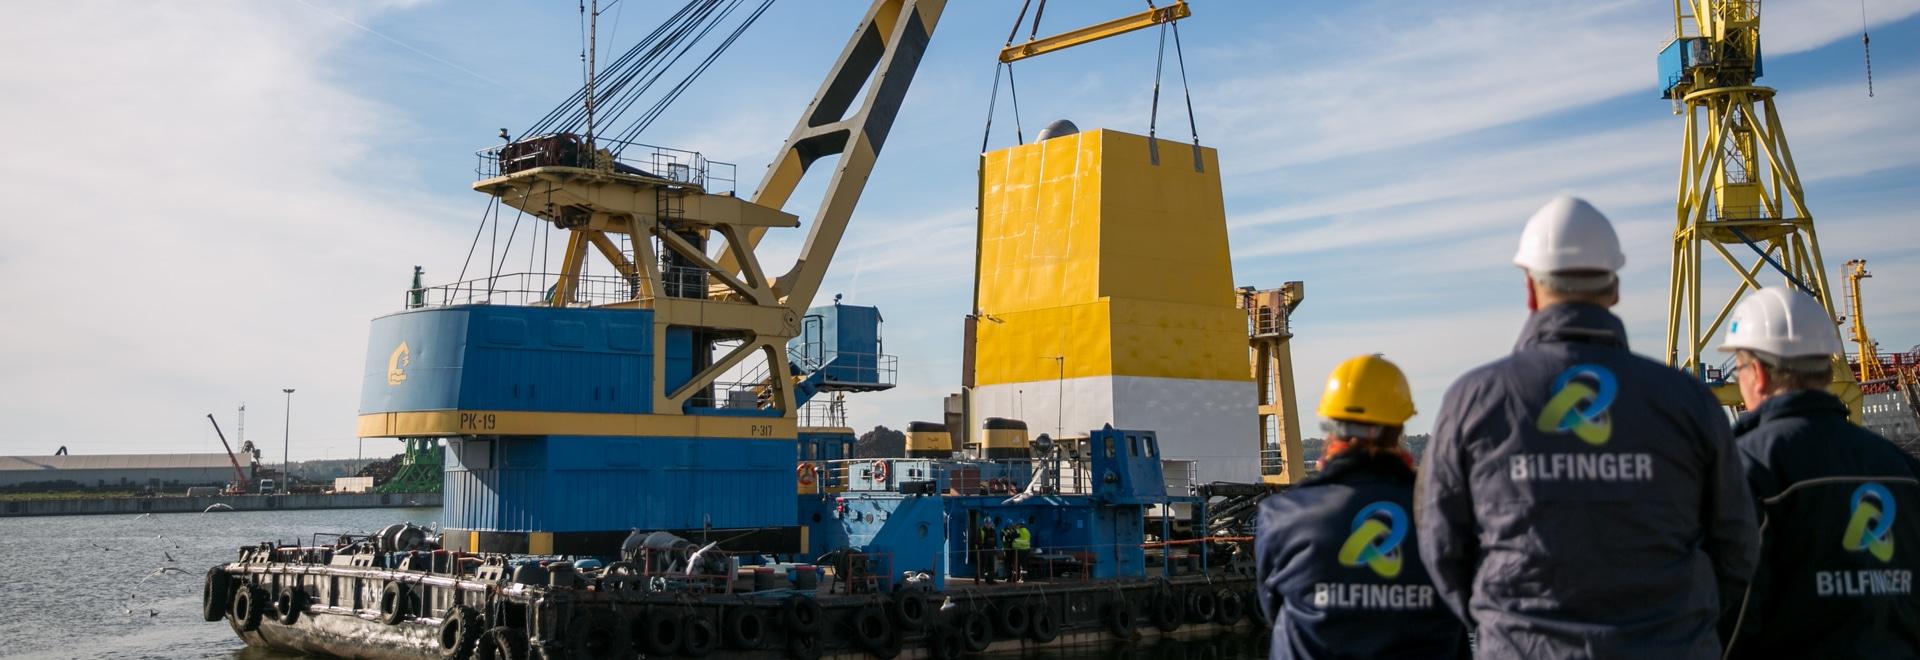 A pilot project on the ocean tanker Aurelia demonstrating Bilfinger's solution for desulfurization of ship engines. Image Courtesy: Bilfinger SE